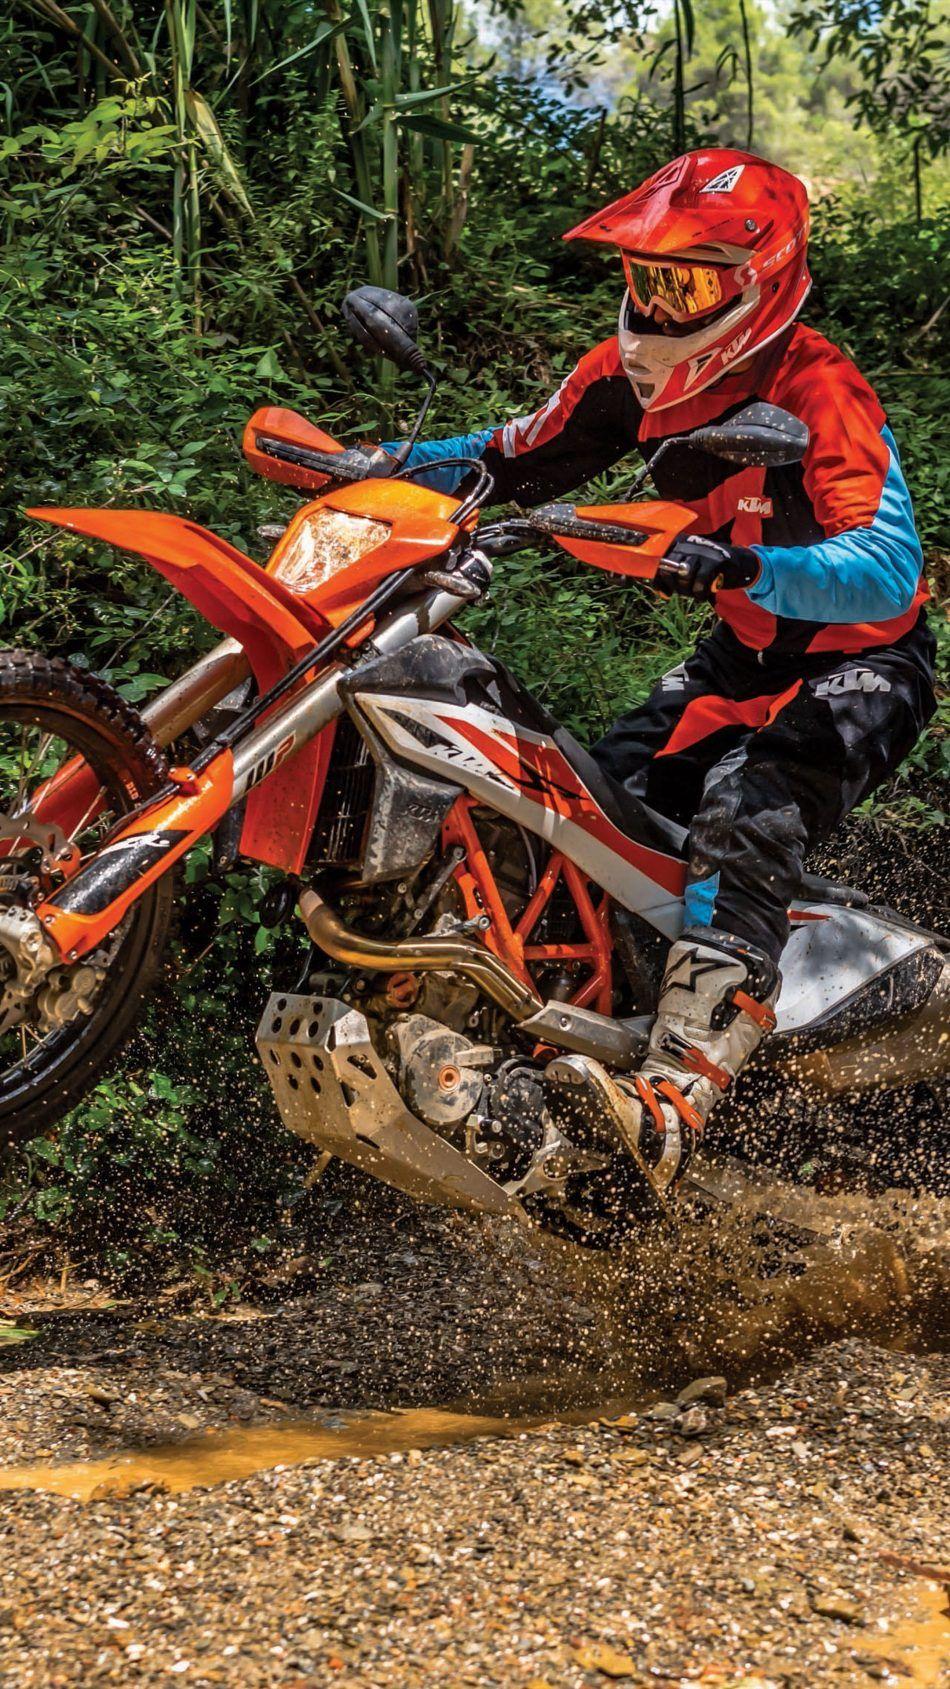 Ktm 690 Enduro R 2019 4k Ultra Hd Mobile Wallpaper Enduro Motorcycle Ktm 690 Enduro Ktm